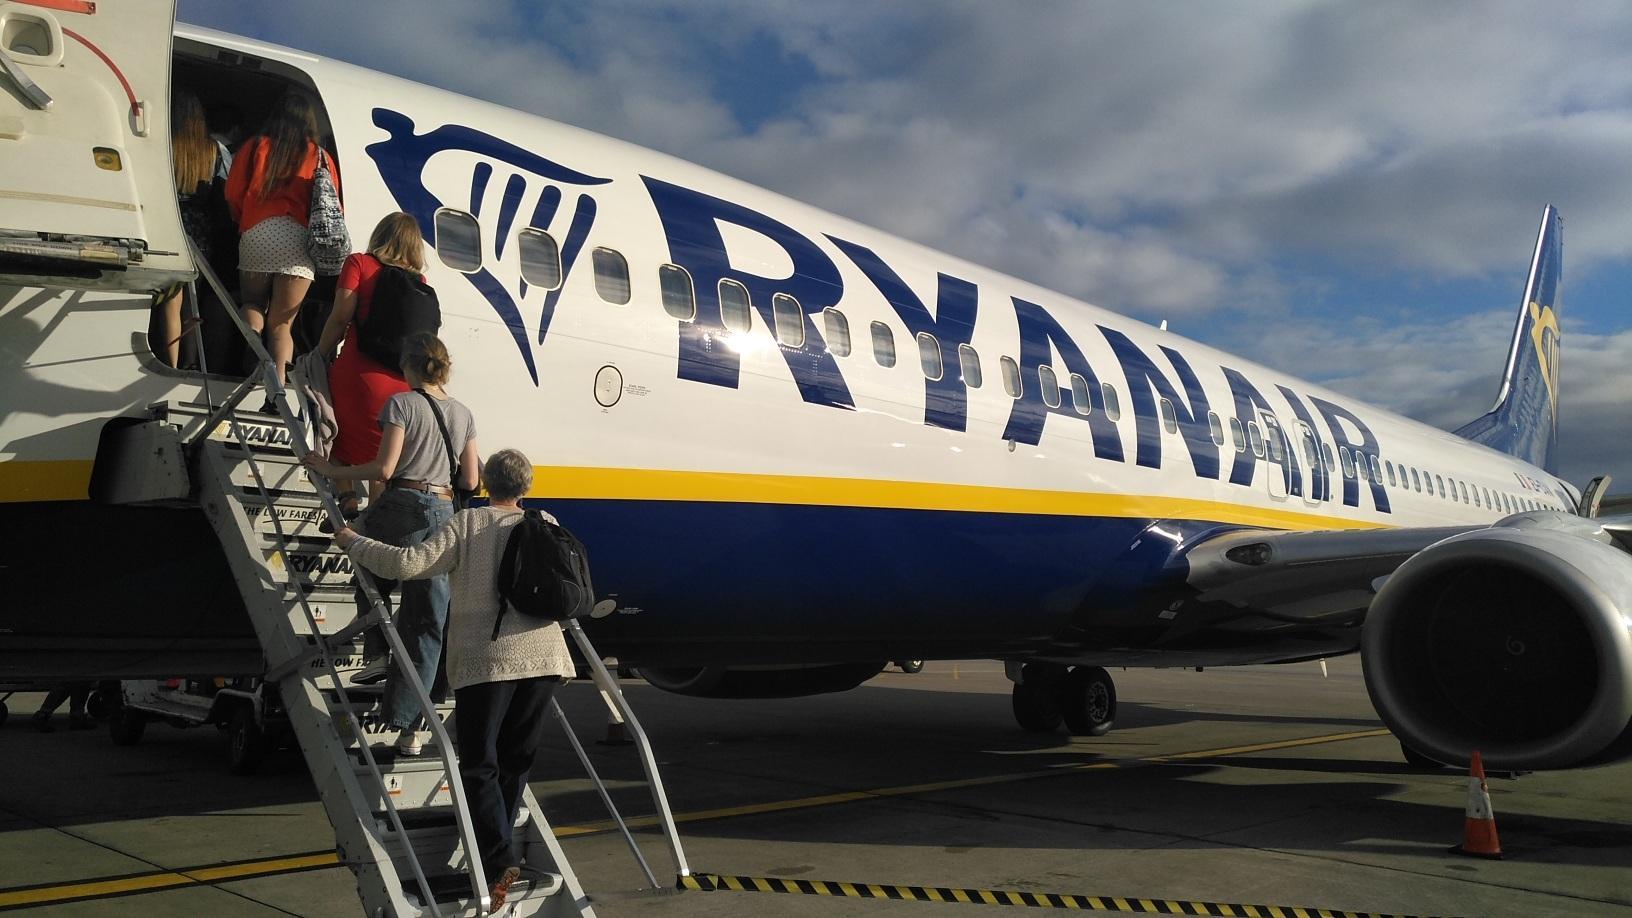 ec2043ce0 El ministerio de Fomento actúa ya en dos líneas de trabajo referentes a la  política de Ryanair de cobrar por el equipaje de mano: dirimir si cabe  algún tipo ...